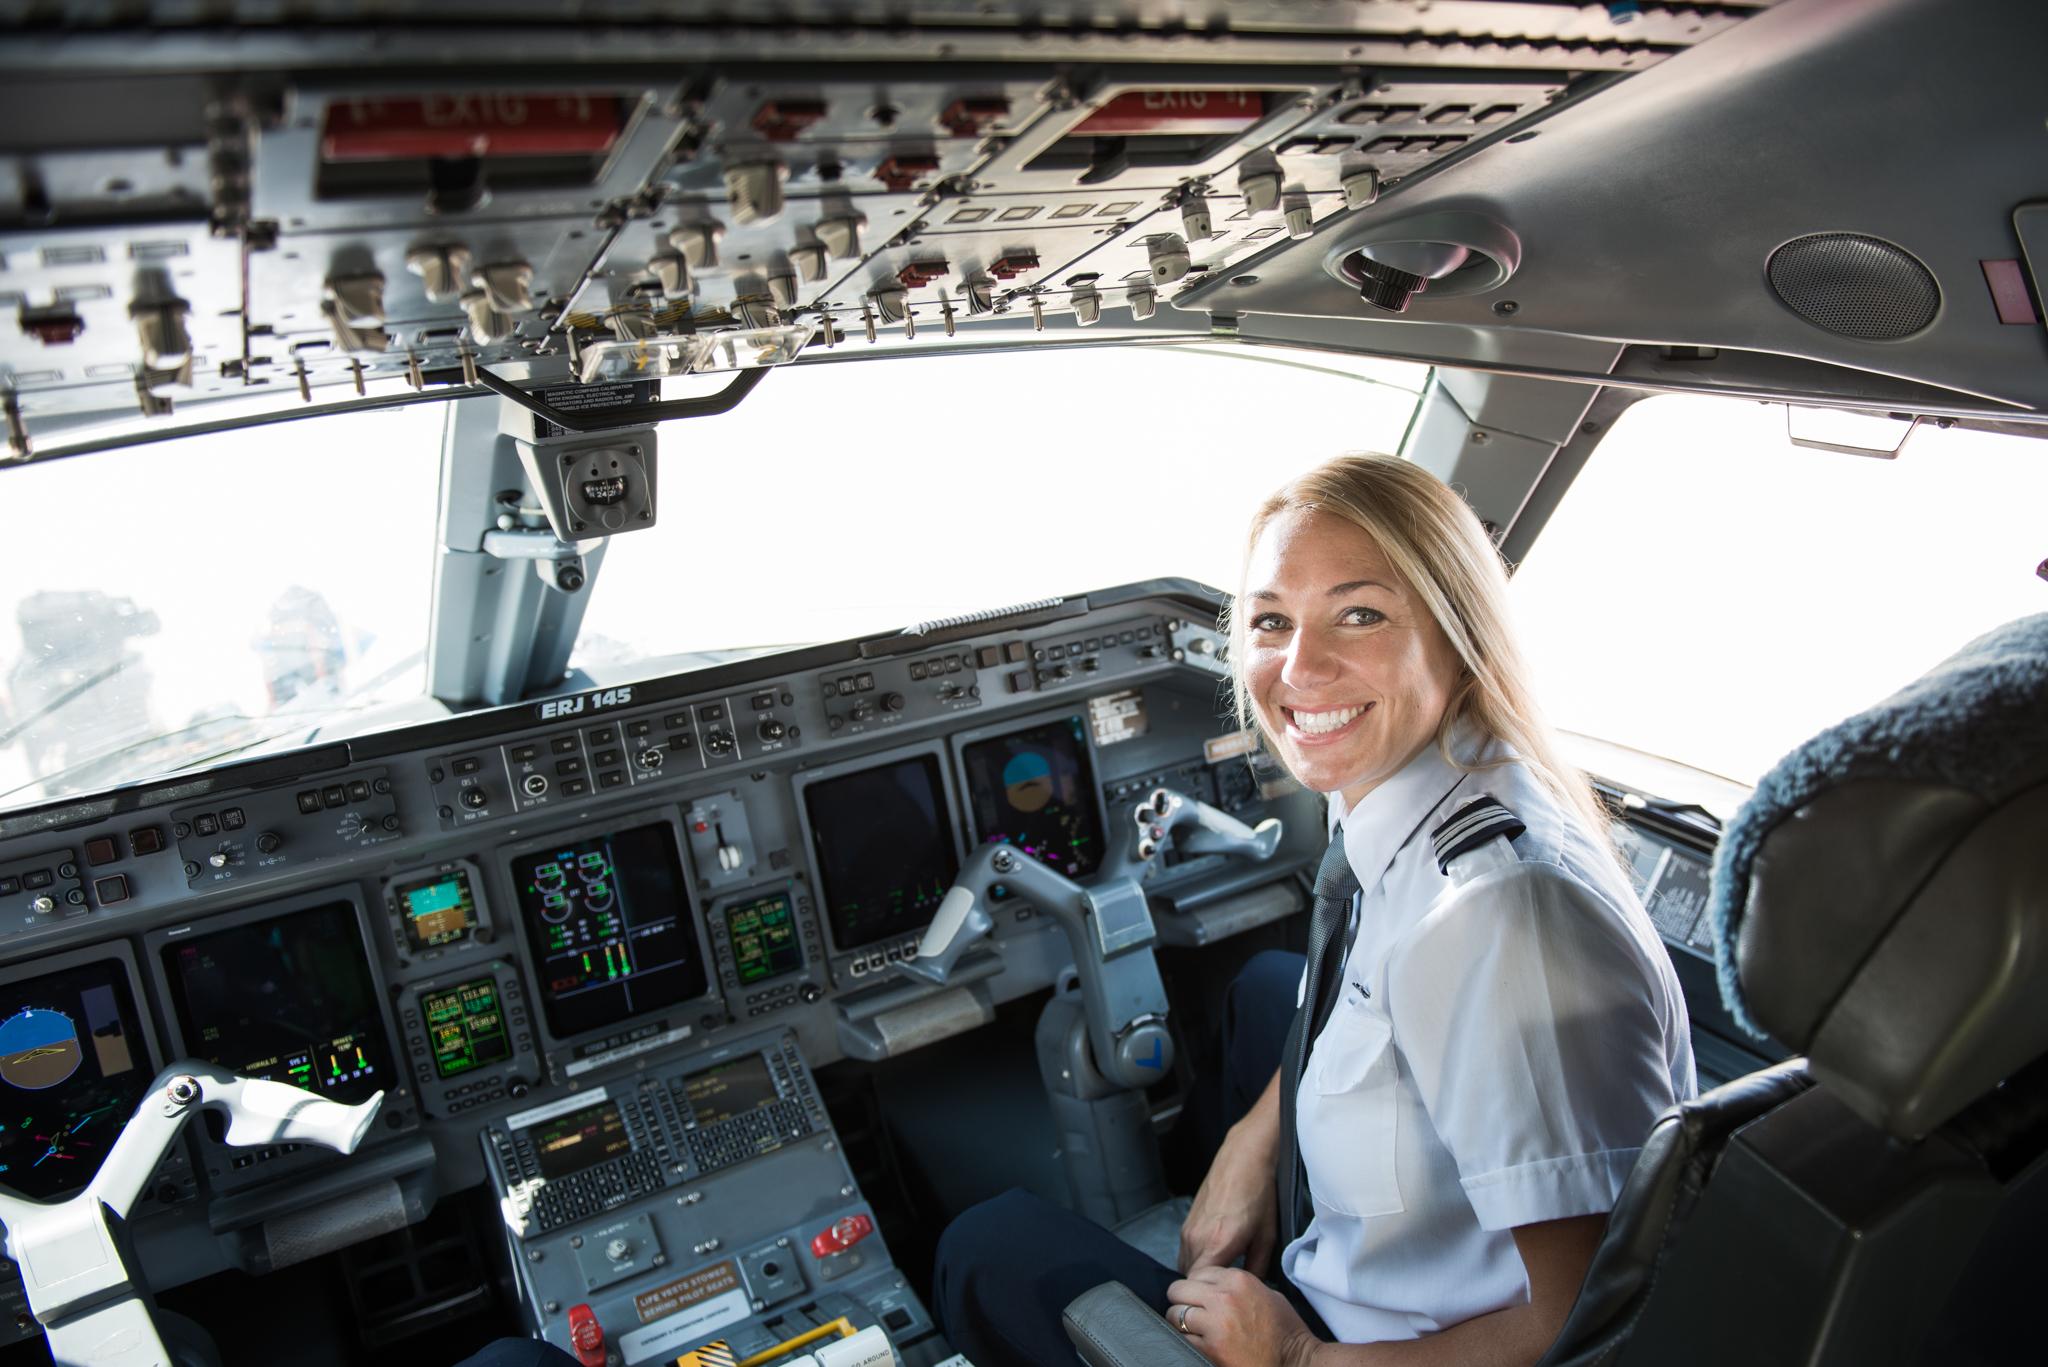 aero crew solutions job fair